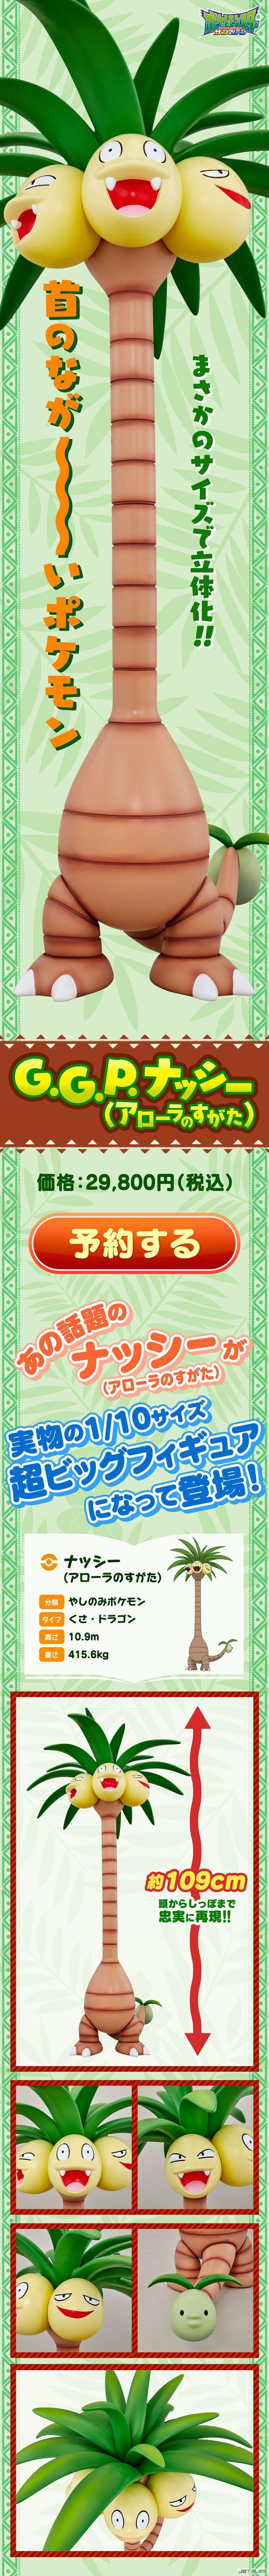 0001588309.JPG